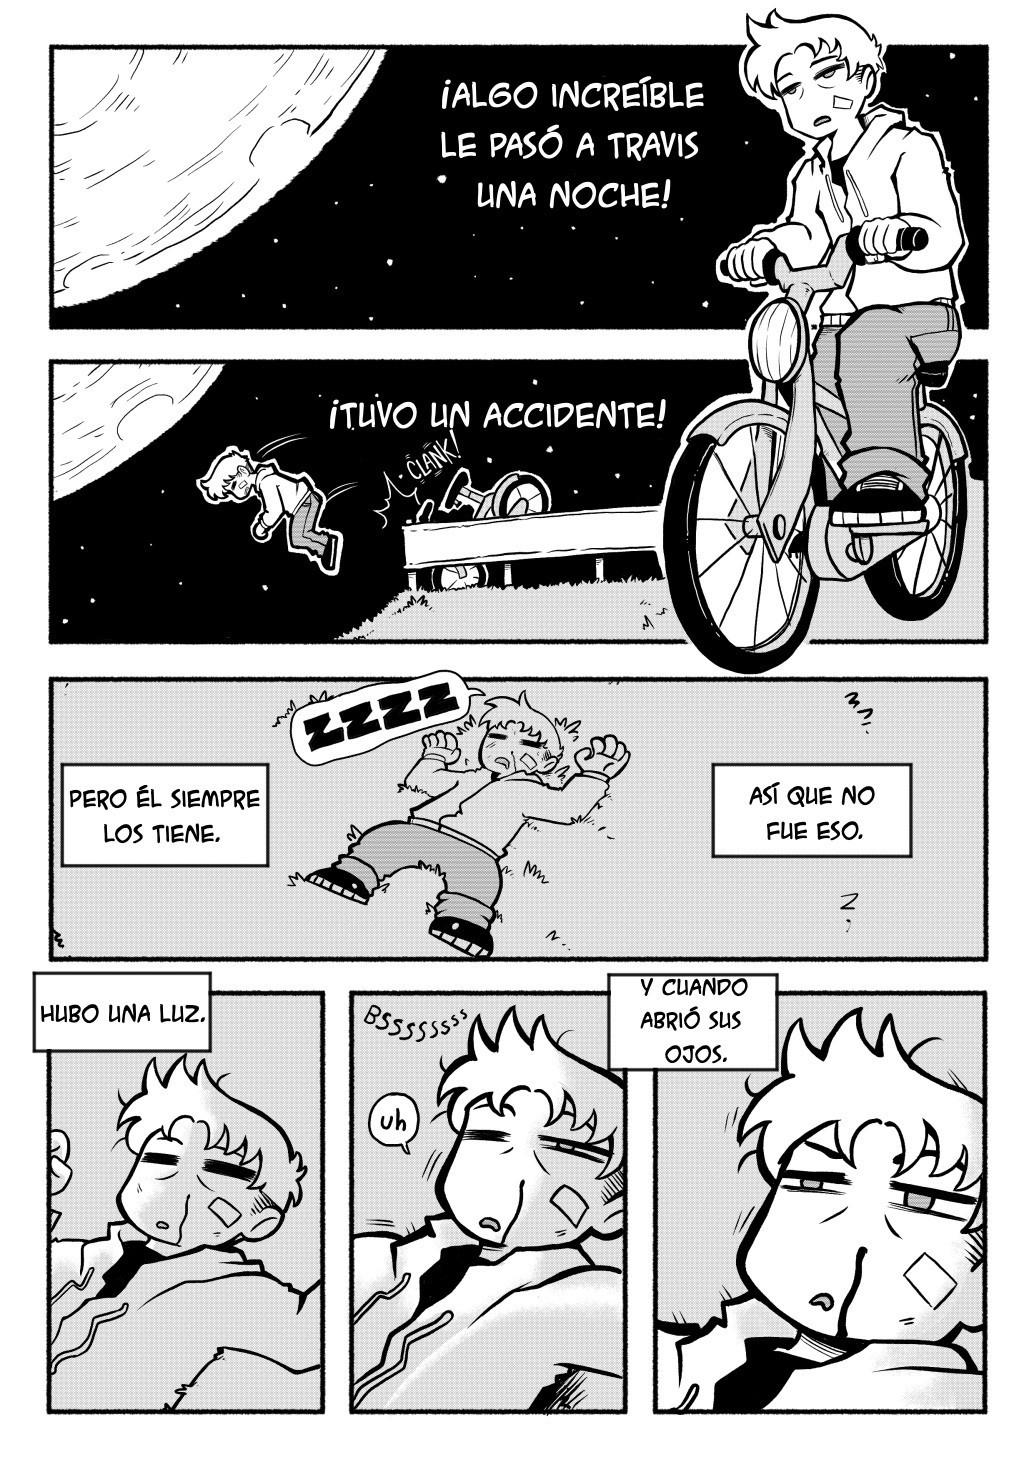 Abducido-02.jpg